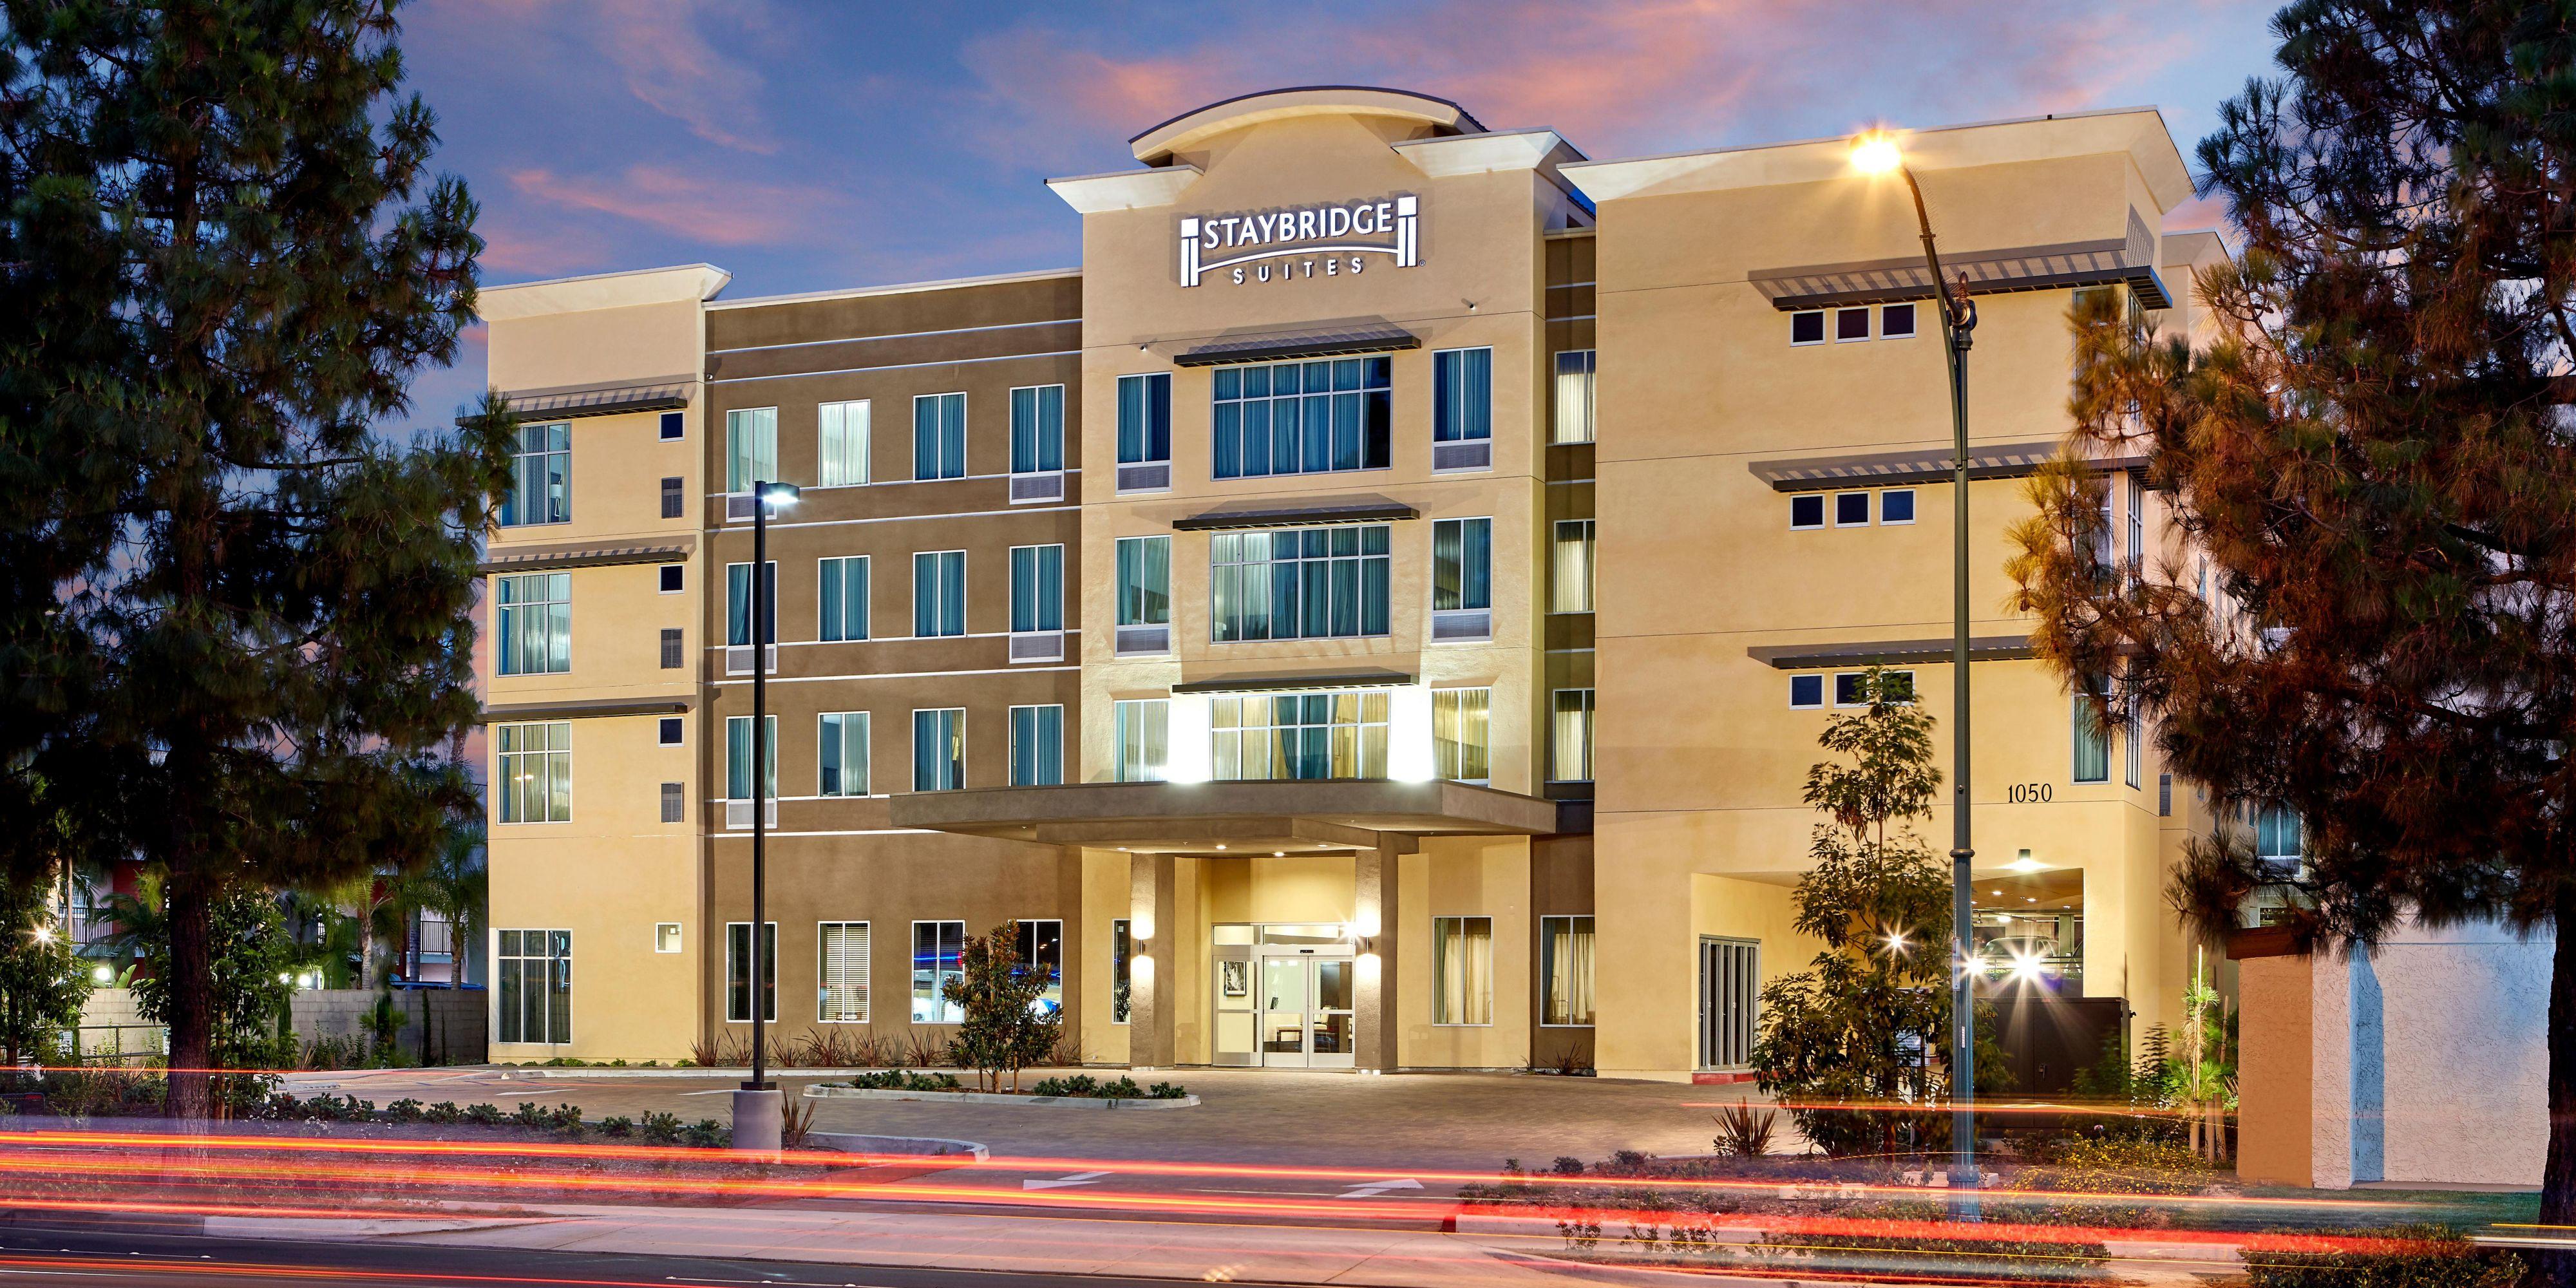 Staybridge Suites Anaheim At The Park anaheim United States